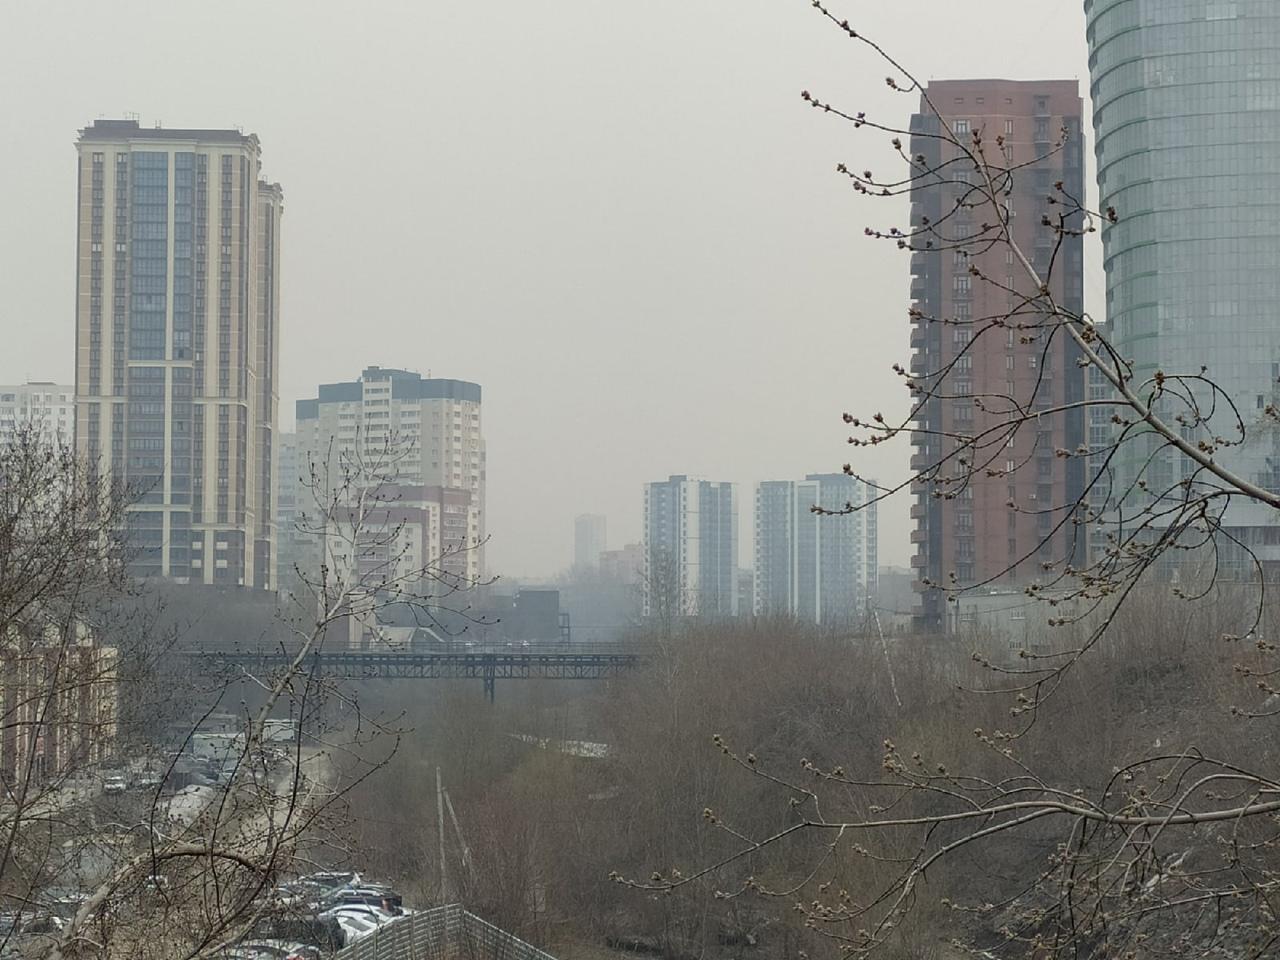 фото «Пыль столбом стоит – штрафовать нужно за такое»: 10 фото утонувшего в дыму Новосибирска 3